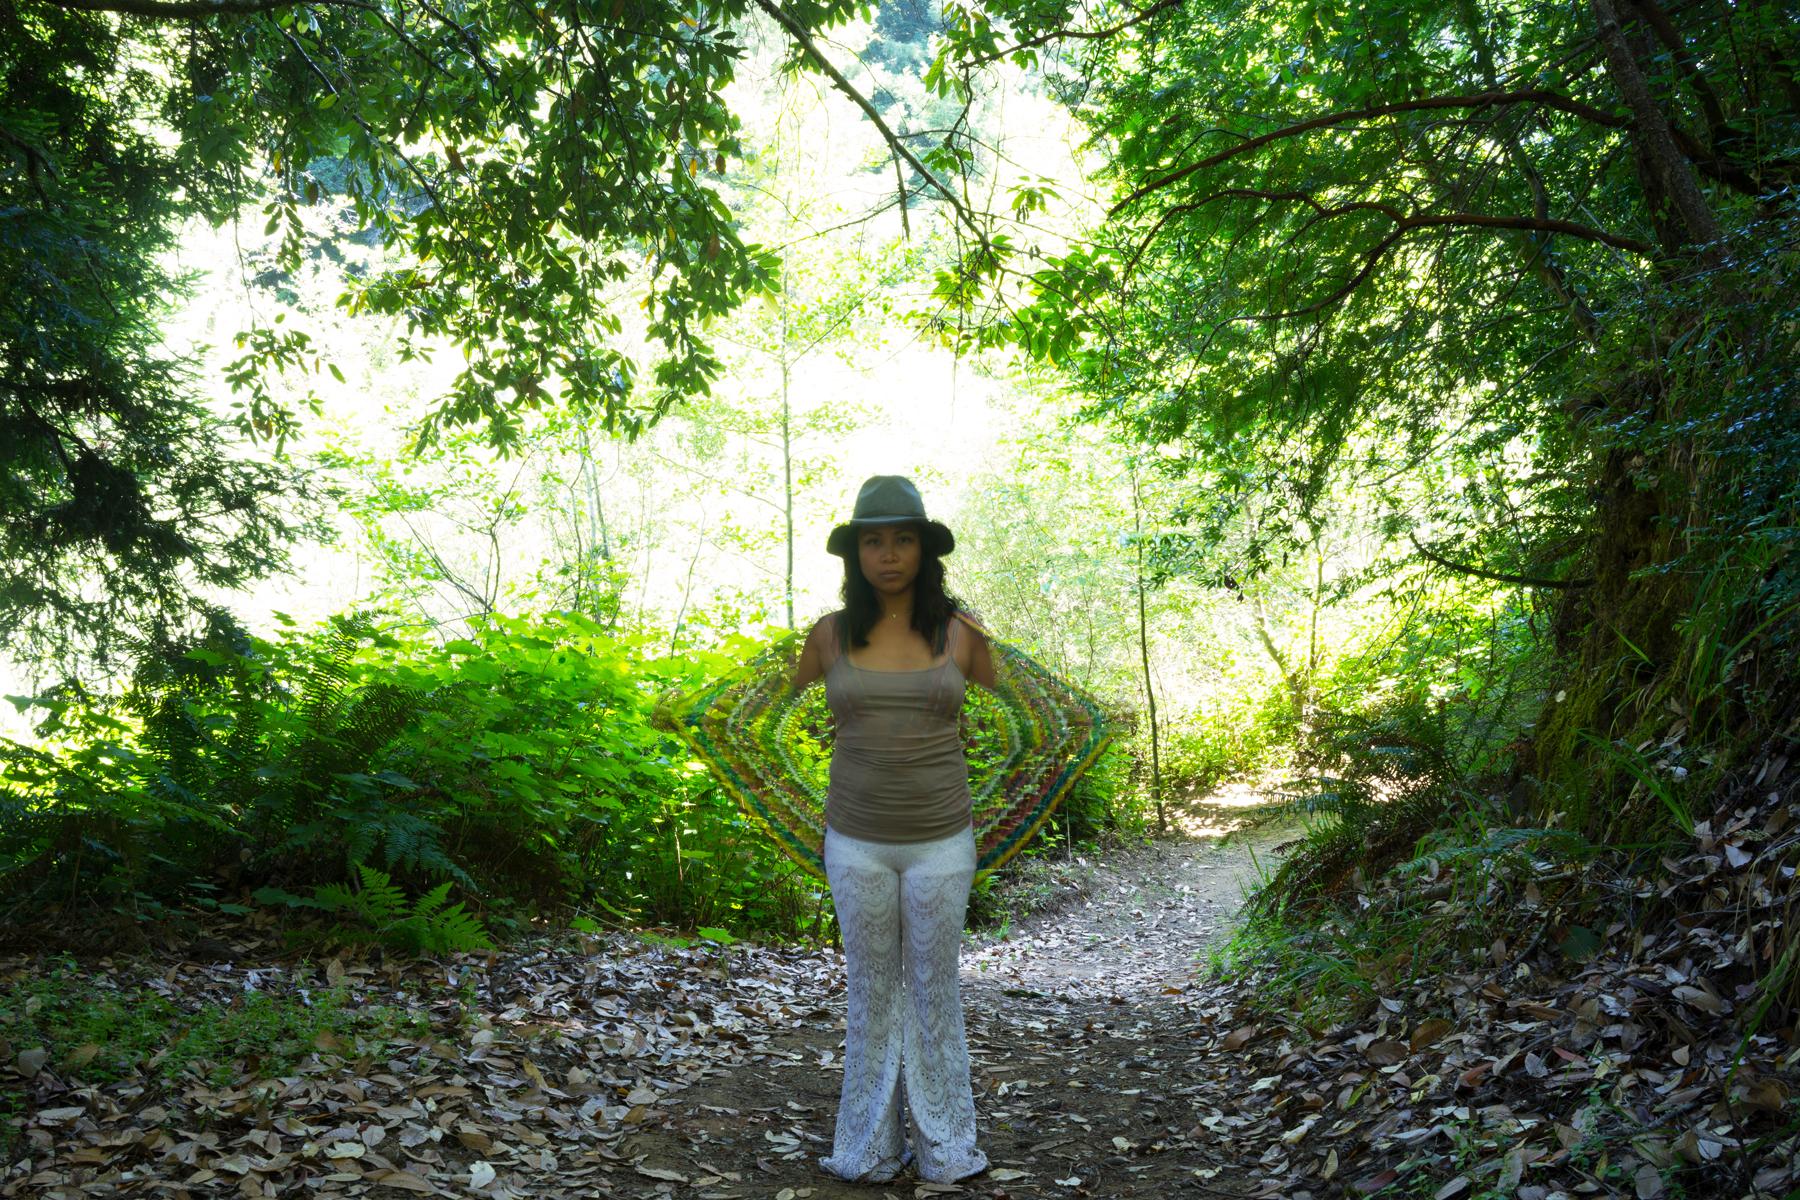 woman-DSC03216.jpg